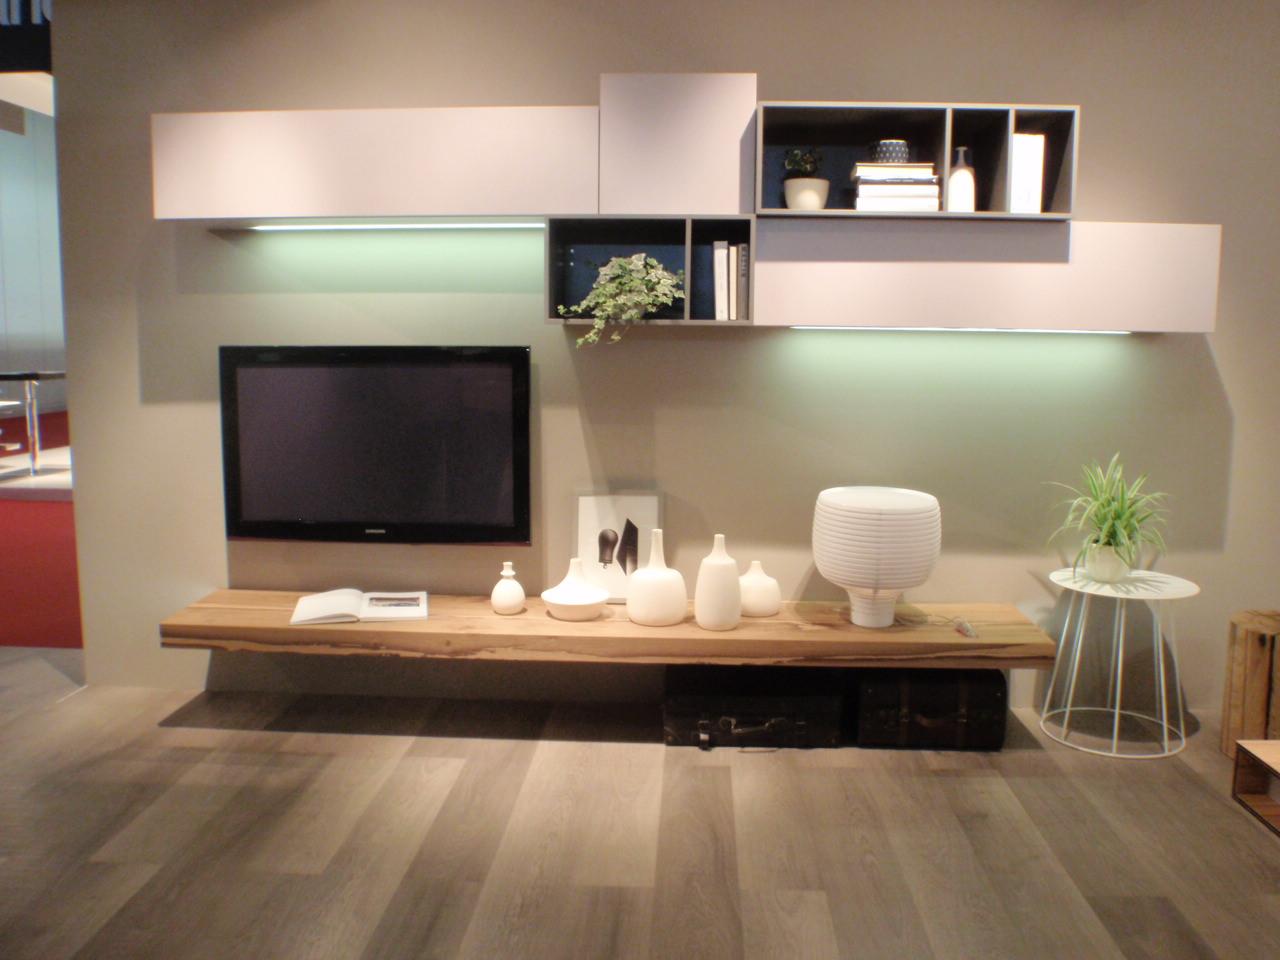 Casa immobiliare accessori complementi d arredo soggiorno for Oggetti d arredo particolari